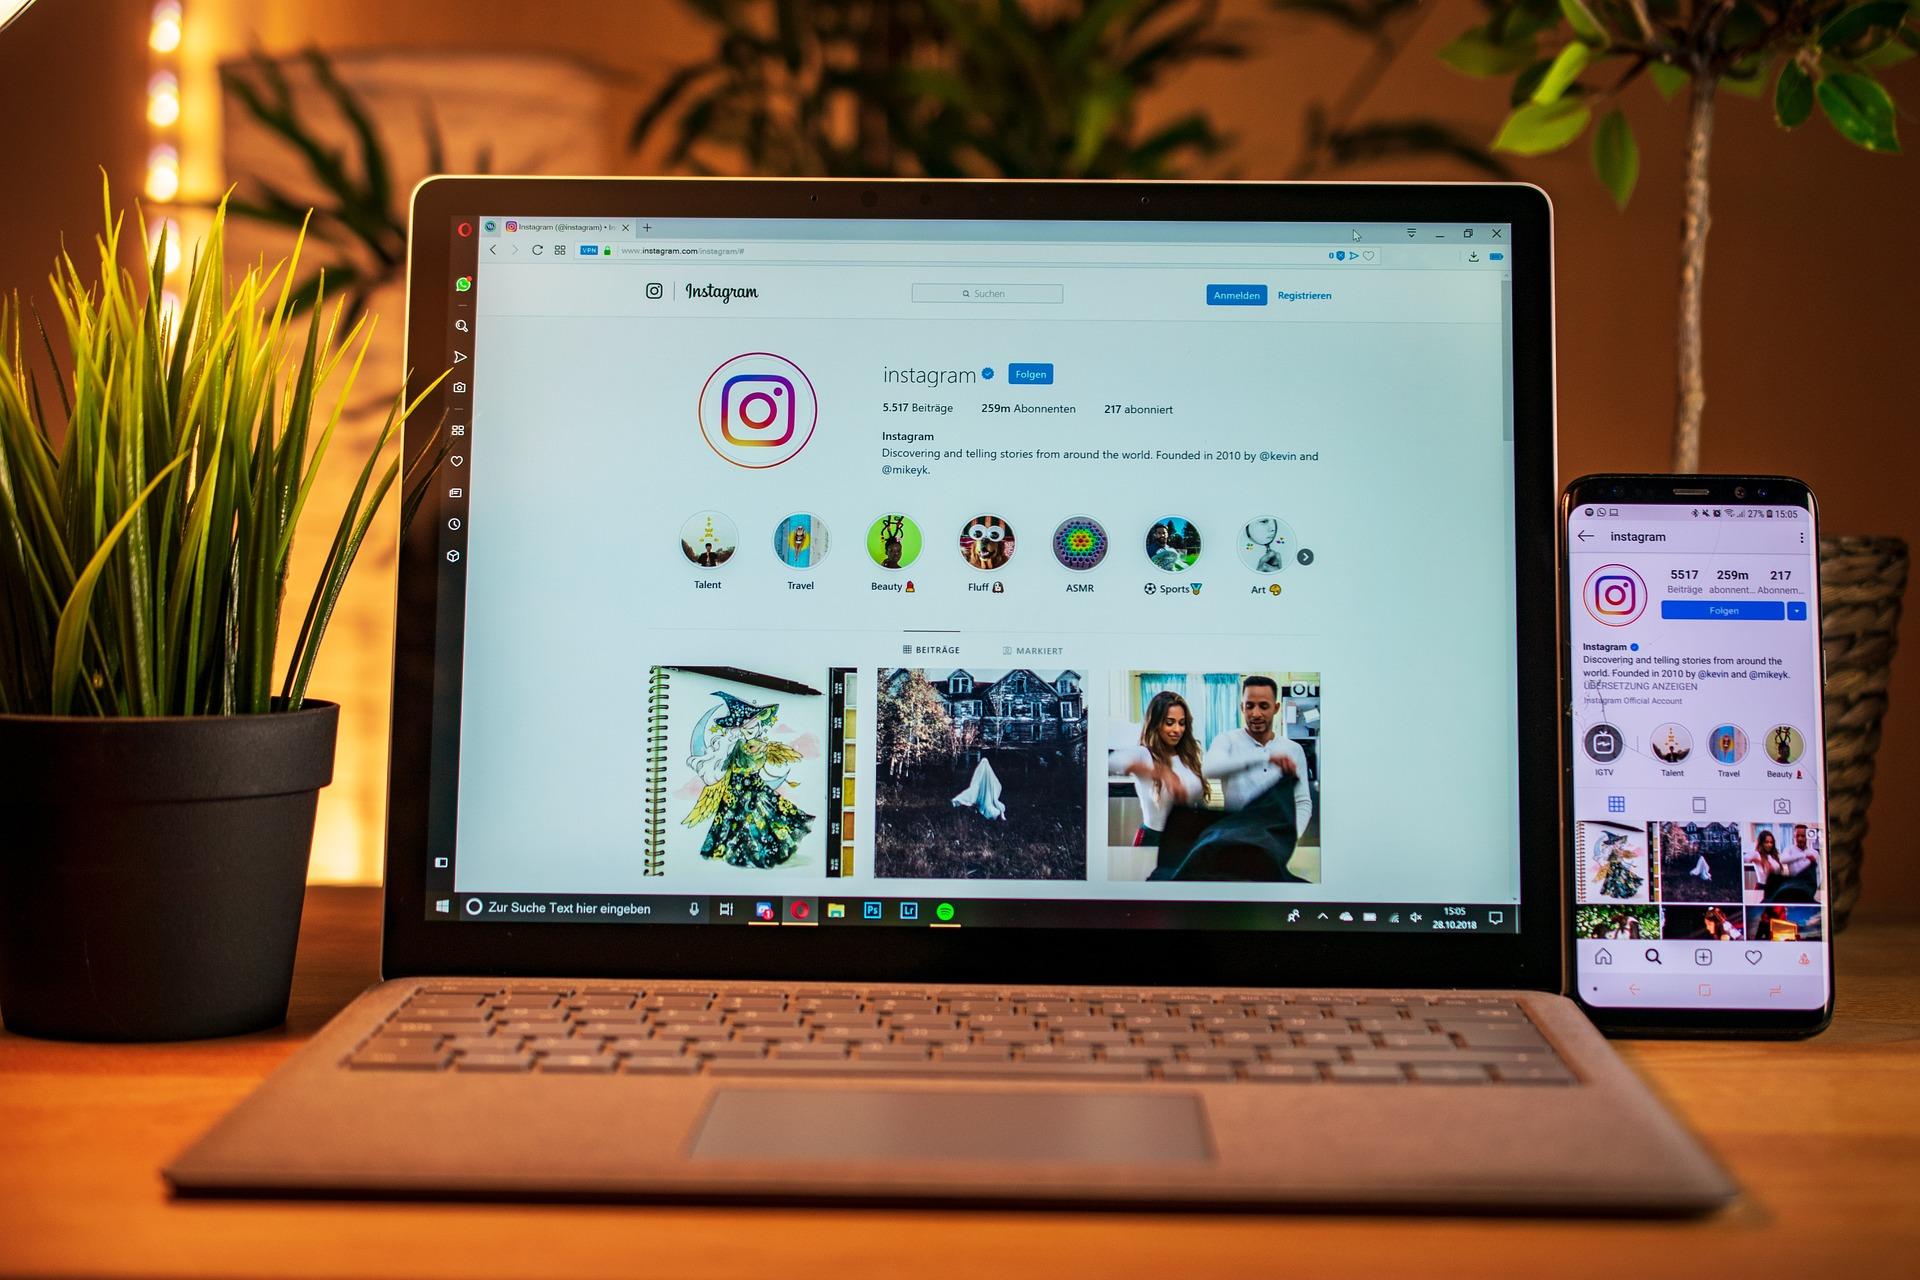 Mit diesen 6 Tipps meistern Sie Ihr Social-Media-Recruiting bei Instagram